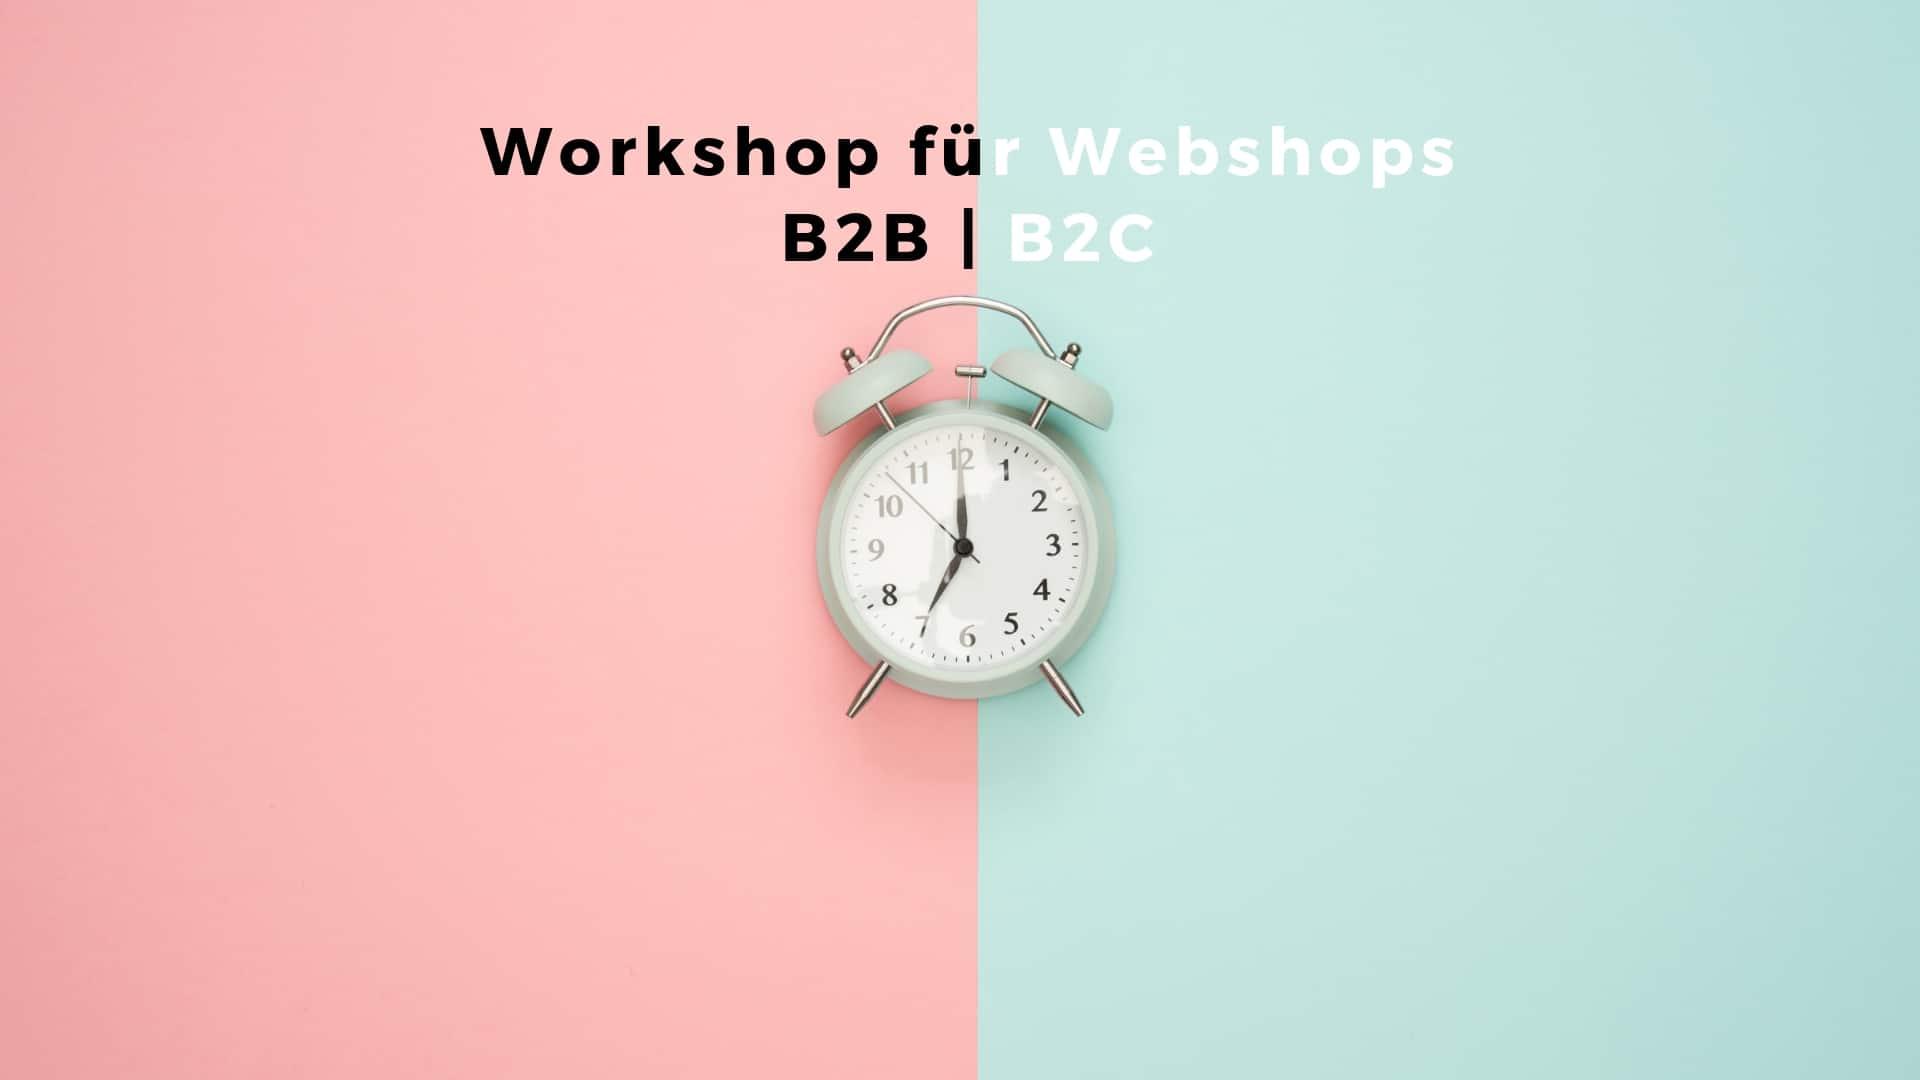 B2B oder B2C Webshop Workshop mit Mag. Thomas Neumeister aus Graz.